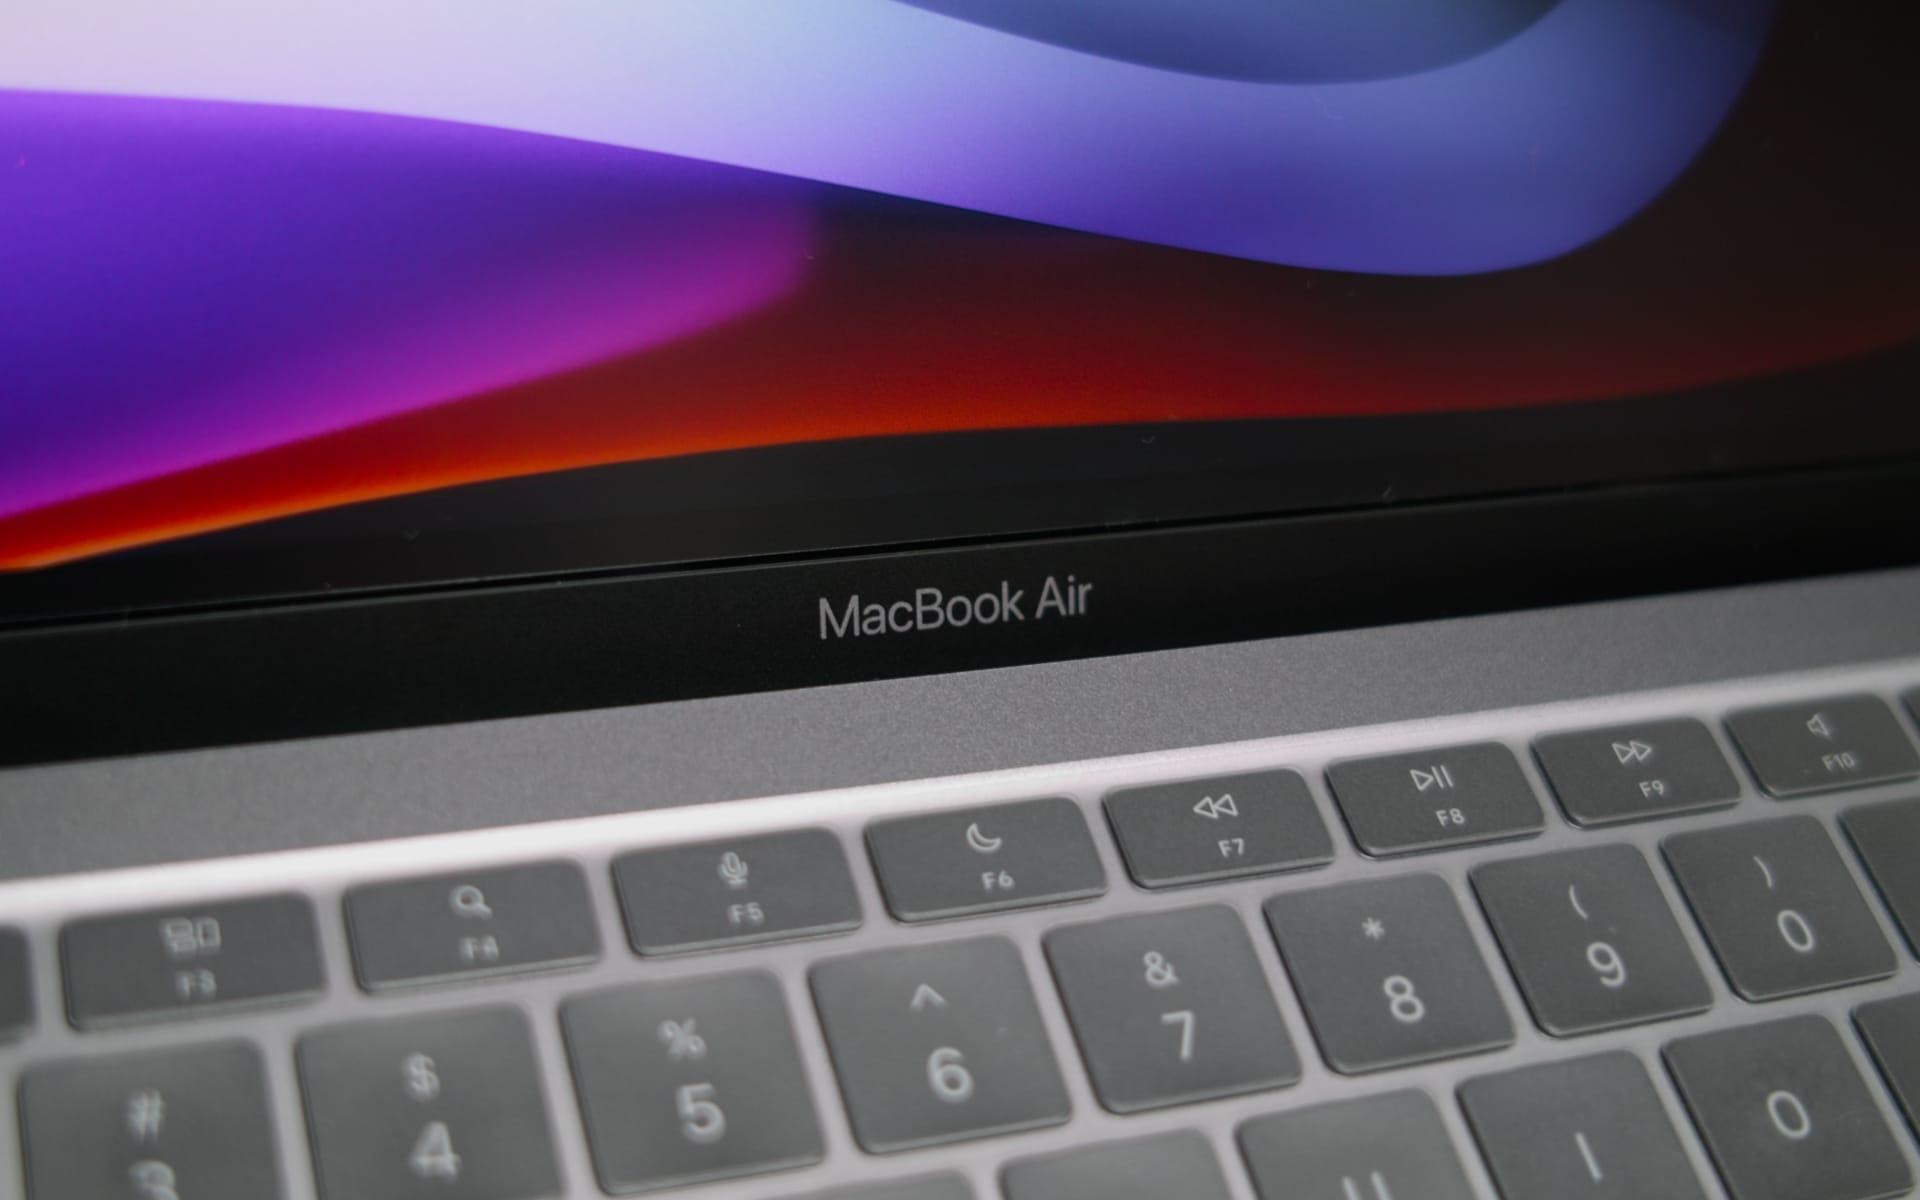 M1 MacBook Airの液晶保護フィルムとキーボードカバーの使用レビュー